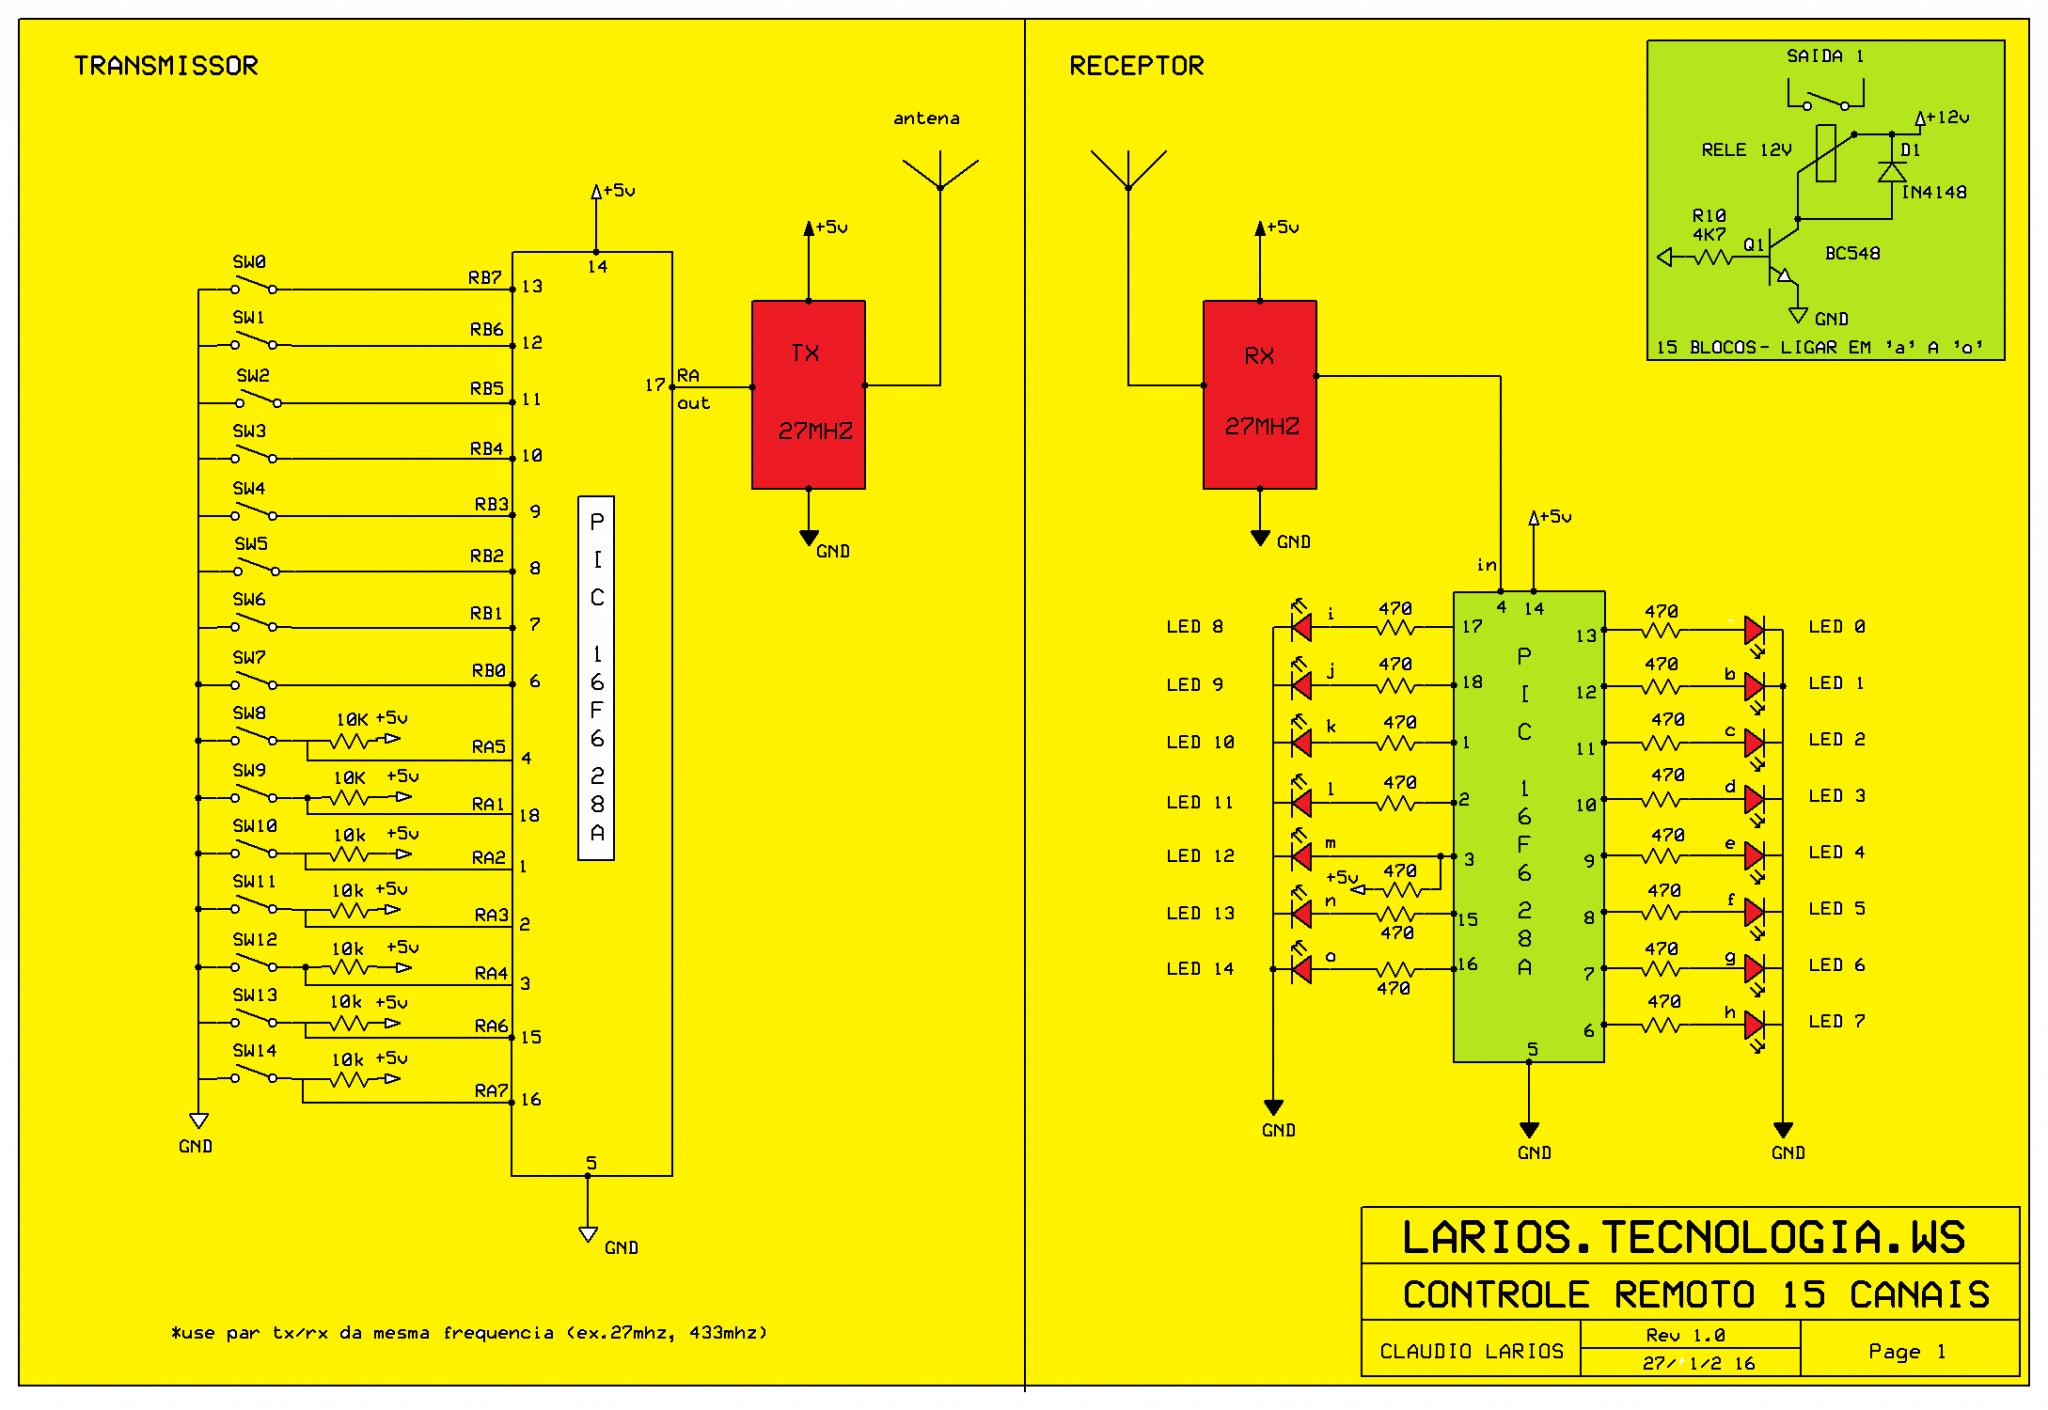 CONTROLE REMOTO COM 15 CANAIS (RF) – COM PIC 16F628A (REF208)